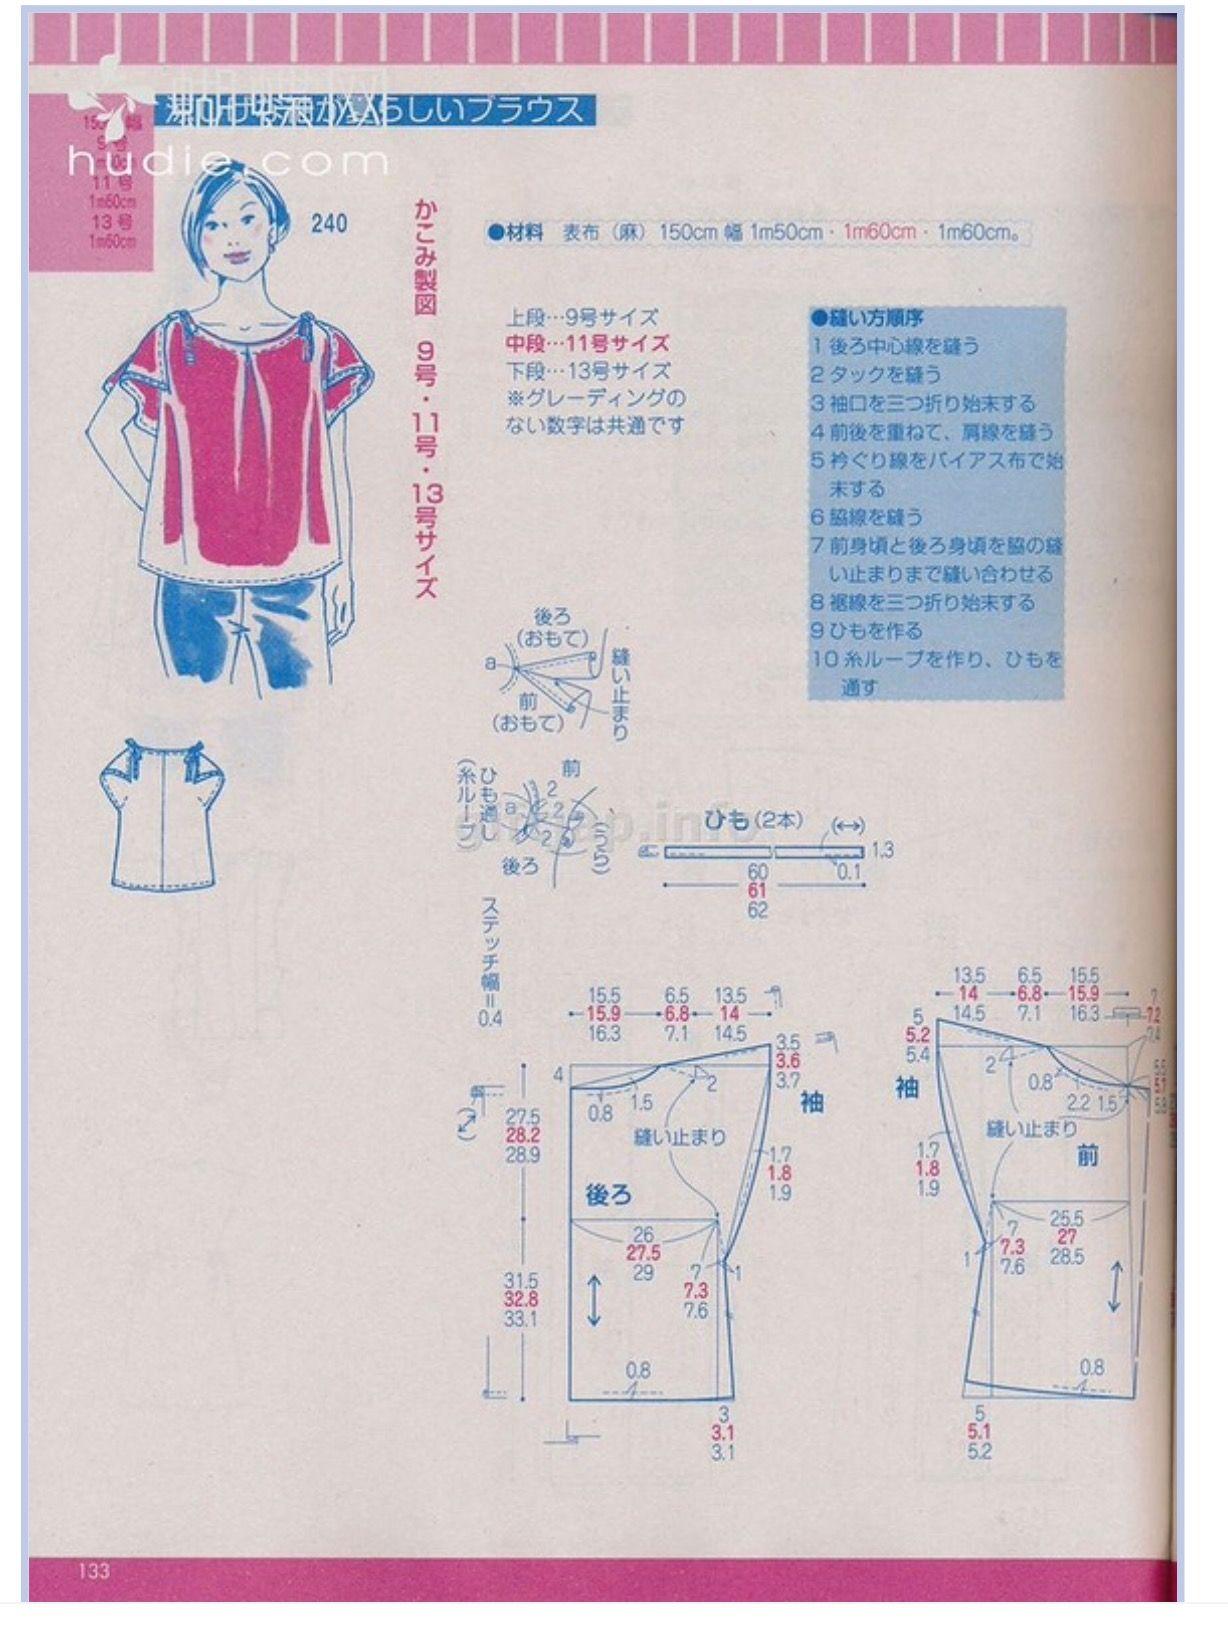 Pin de CELESTE BELGRANO en MODA | Pinterest | Patrones, Costura y Blusas